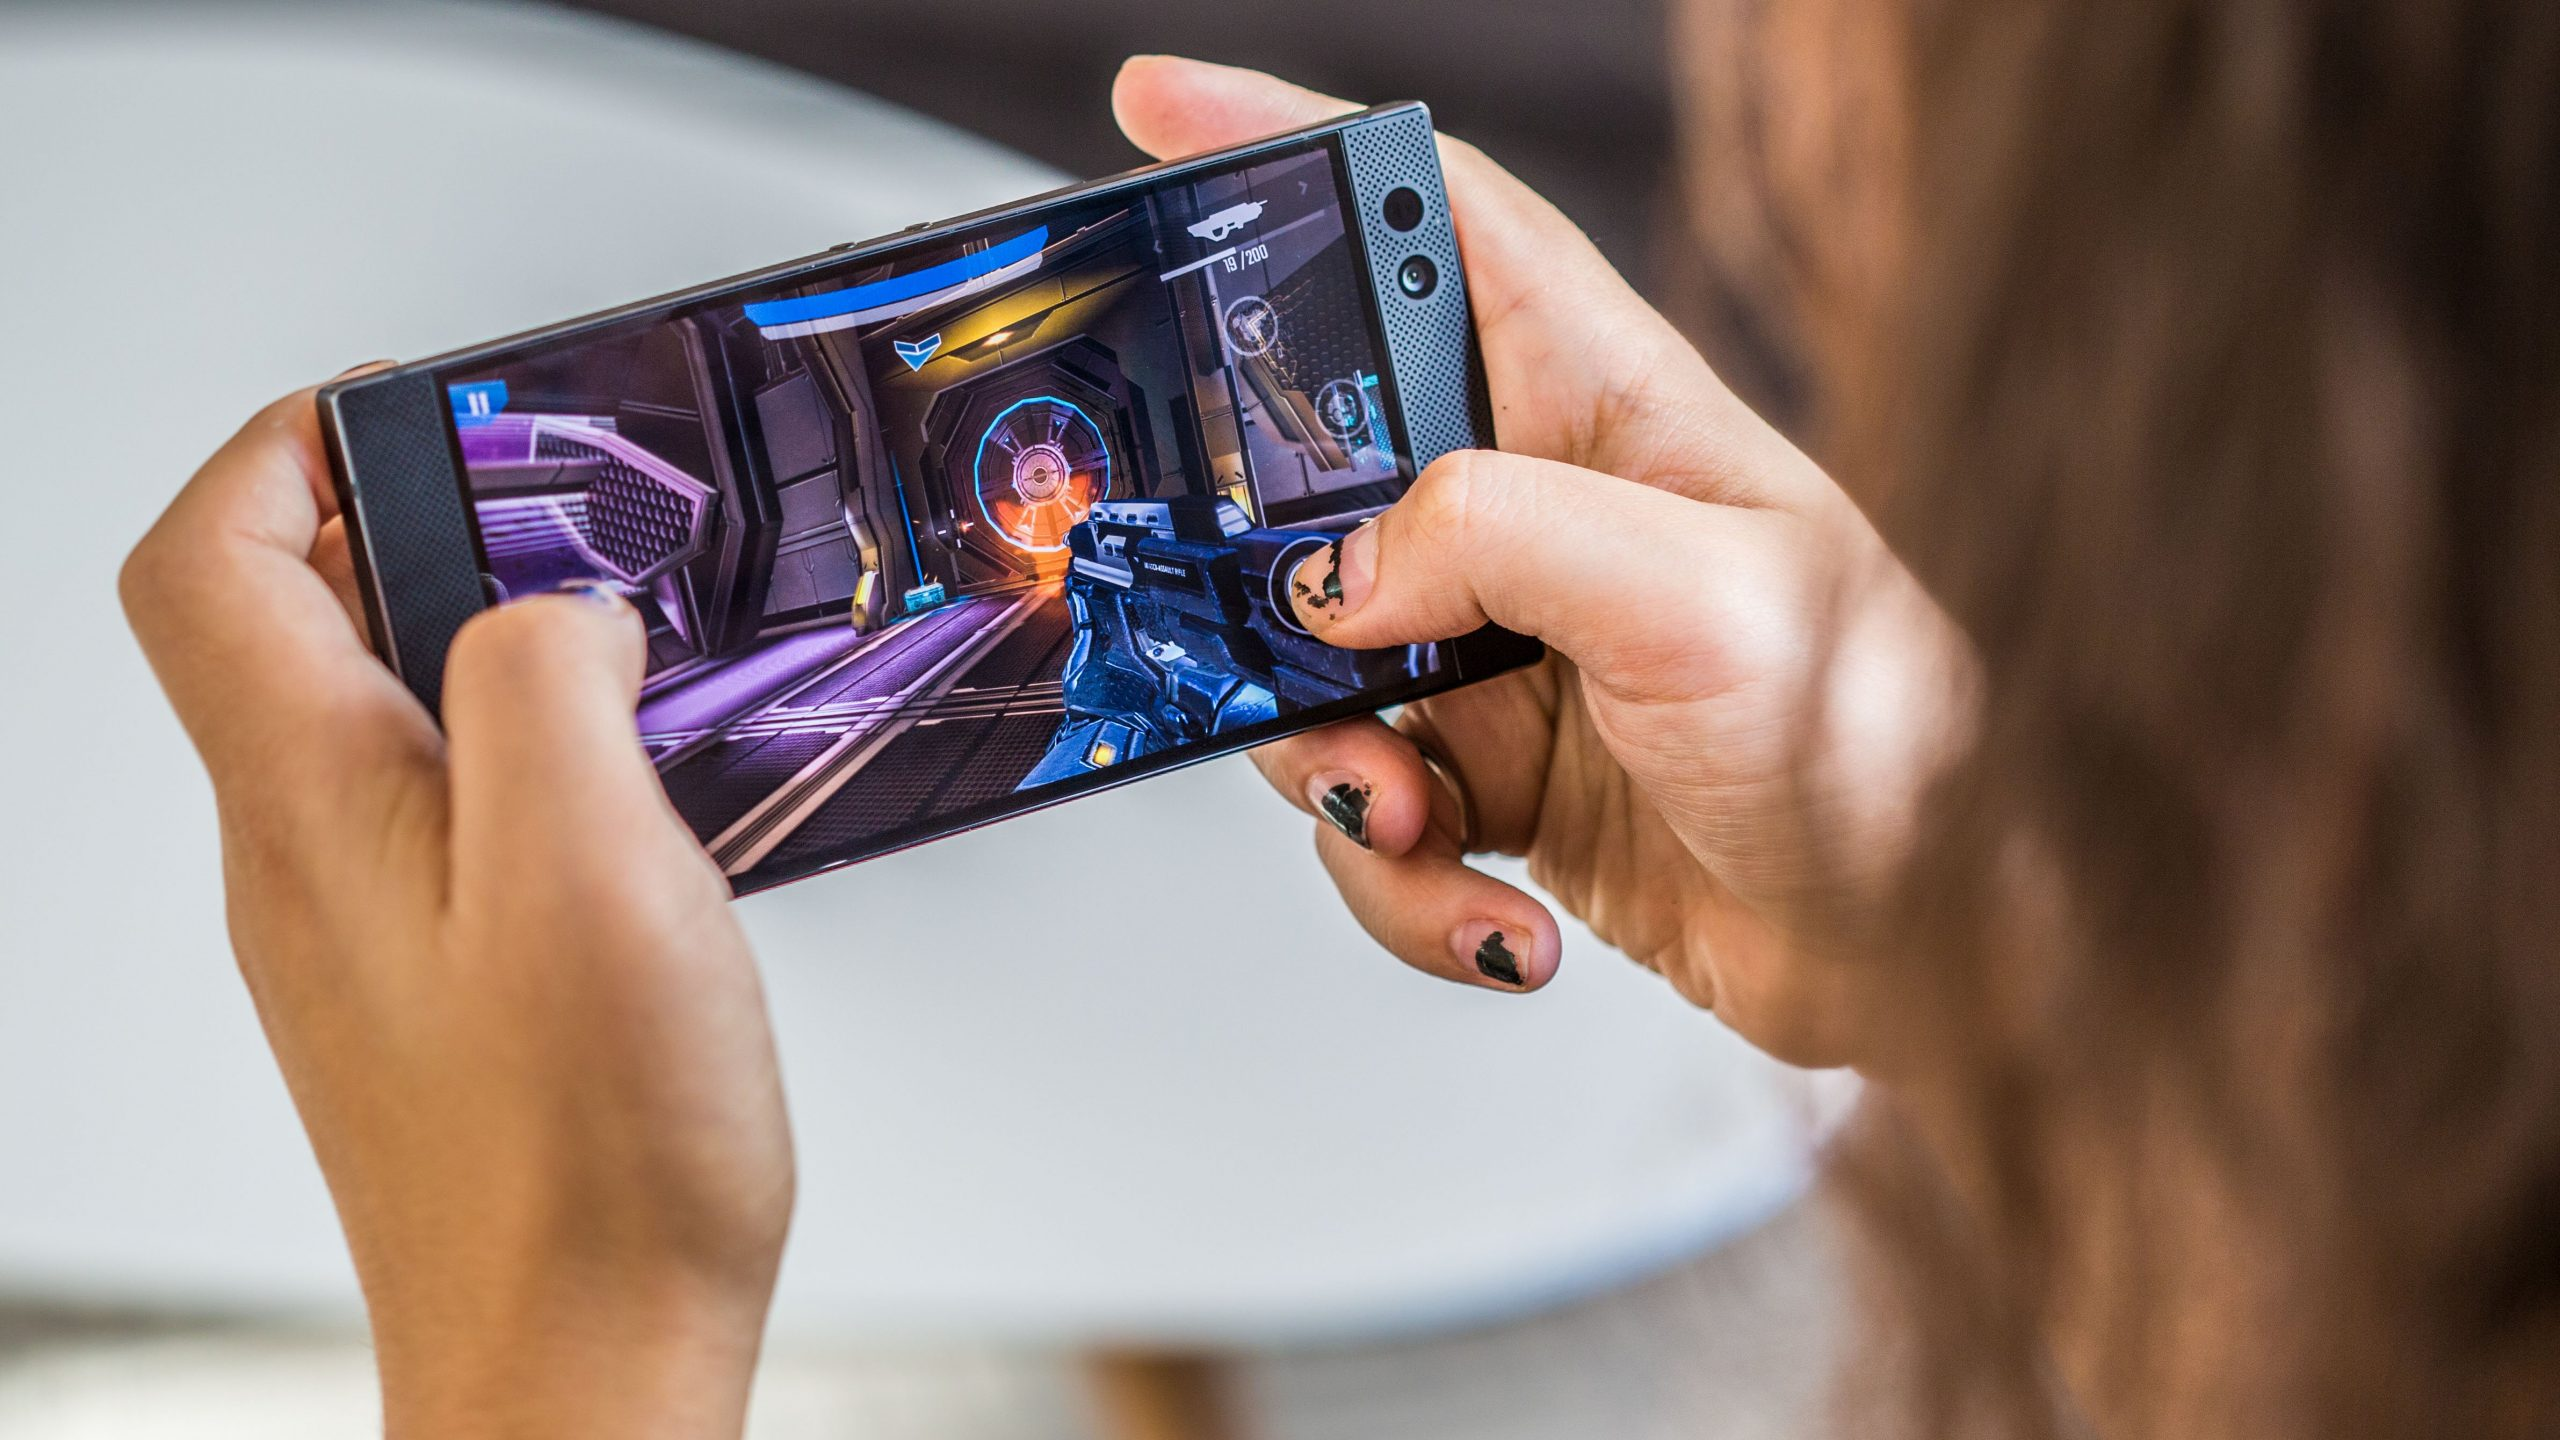 Les Meilleurs Jeux De Tir Fps Et Tps Sur Android Et Iphone tout Jeux Tps Gratuit